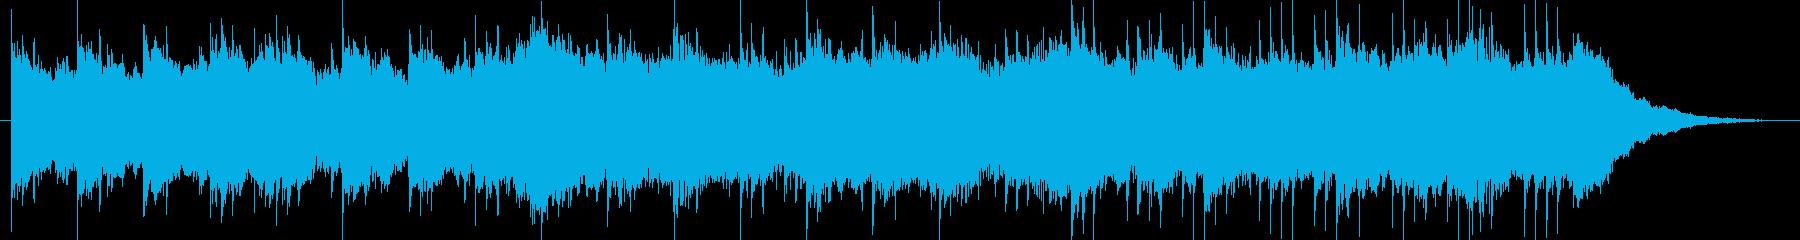 日本らしい切なく落ち着いた和風BGM1の再生済みの波形